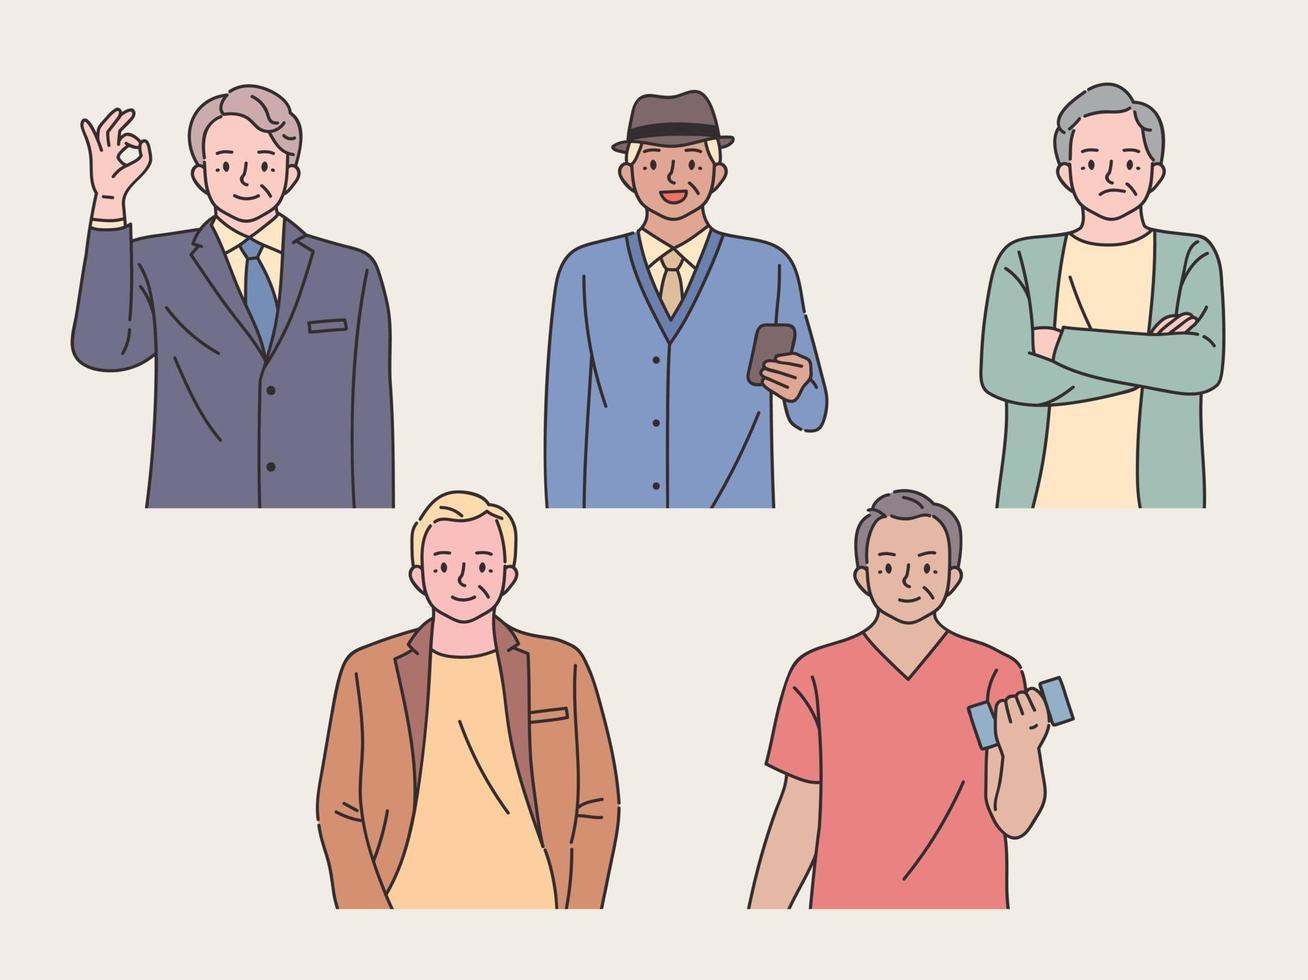 stilvolles altes Mannset. eine Sammlung alter Männer mit selbstbewusstem Ausdruck in stilvoller Kleidung. vektor